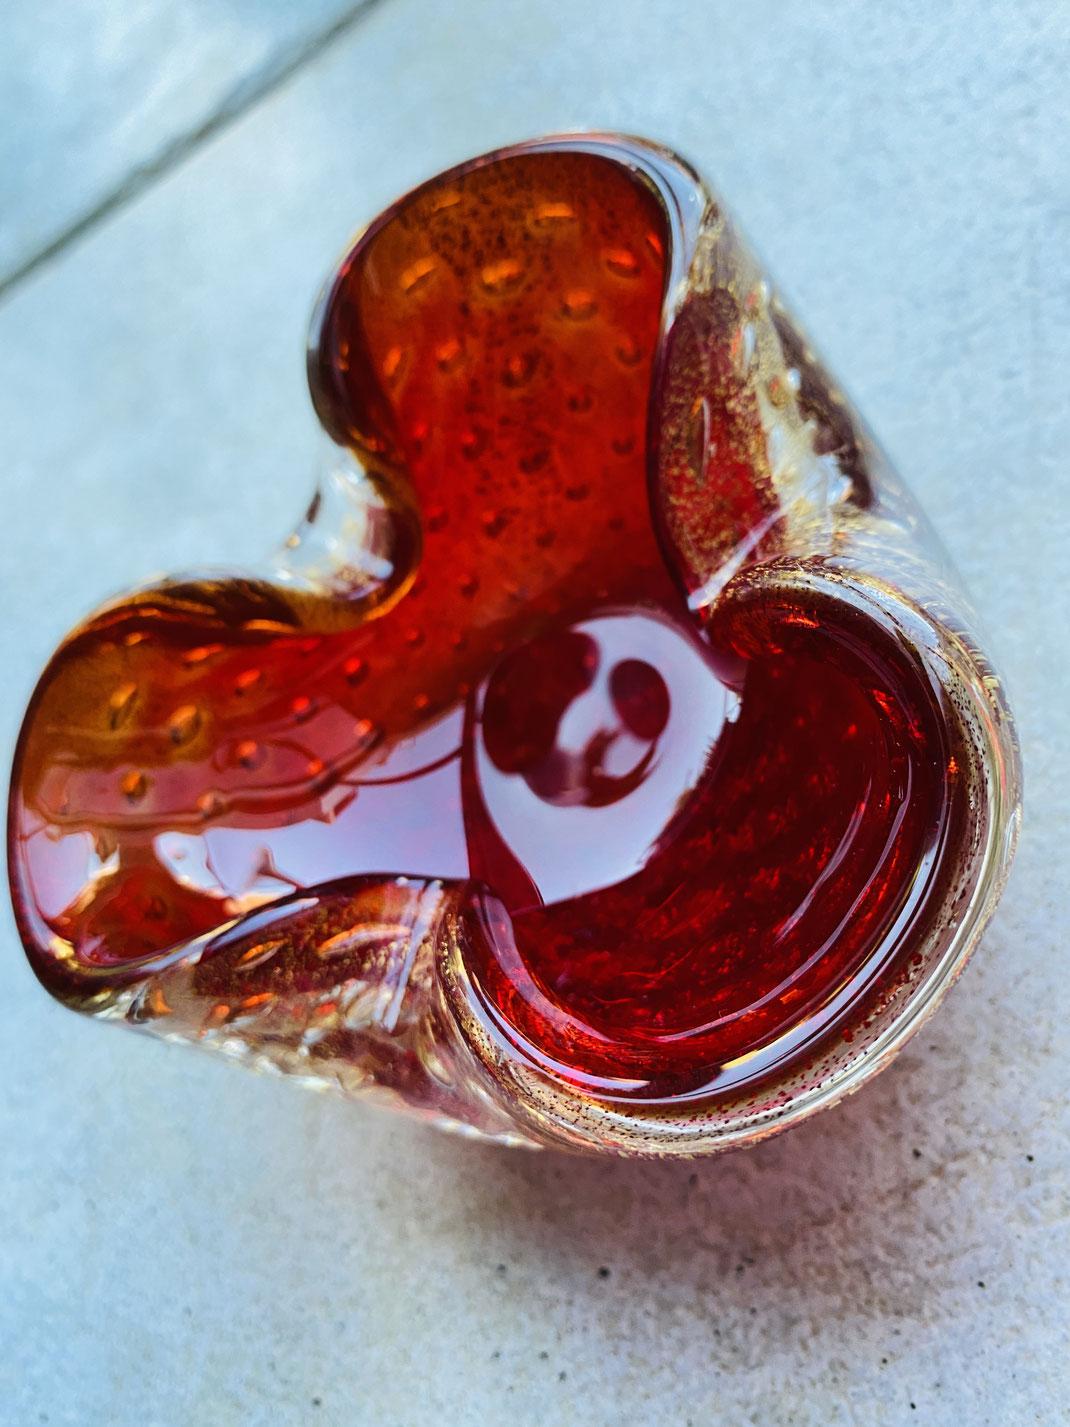 Klassischer Aschenbecher/ Ablage aus rotem Muranoglas mit eingelassenem Goldstaub und Luftbläschen Barovier & Toso, 1960er Jahre, ca 14x14x6 cm.  Wunderschöne Lichteffekte und ein wunderschöner Klassiker.